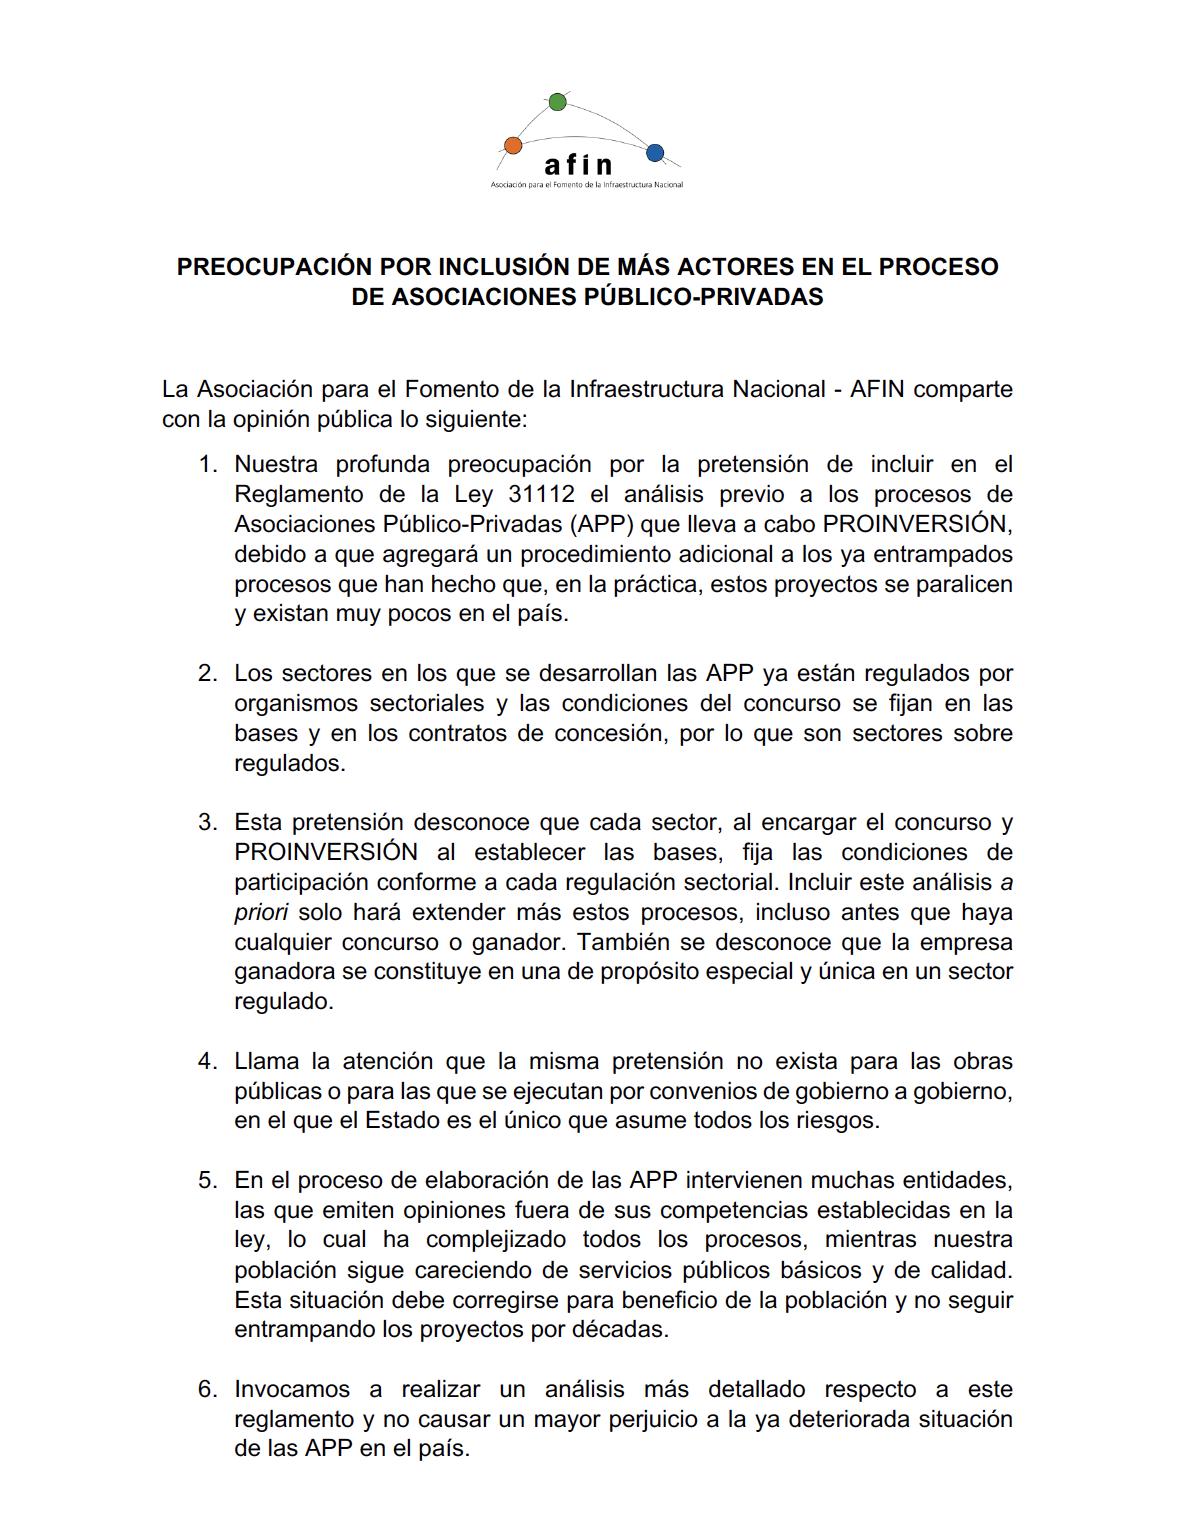 Preocupación por inclusión de más actores en el proceso de Asociaciones Público-Privadas APP